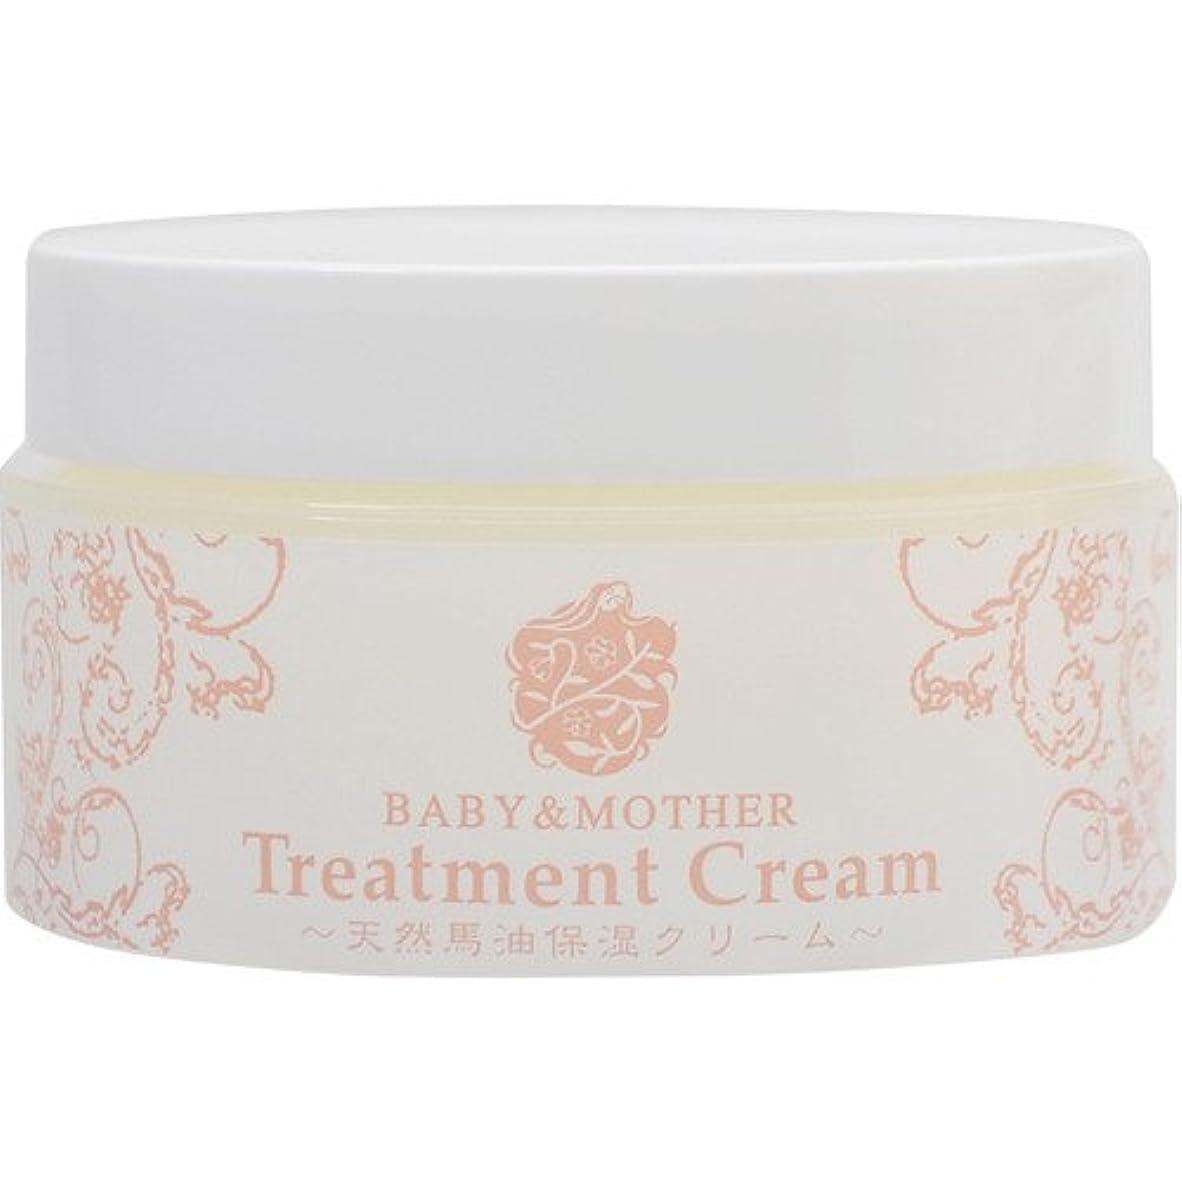 大洪水パリティ集中BABY&MOTHER Treatment Cream 天然馬油保湿クリーム 80g